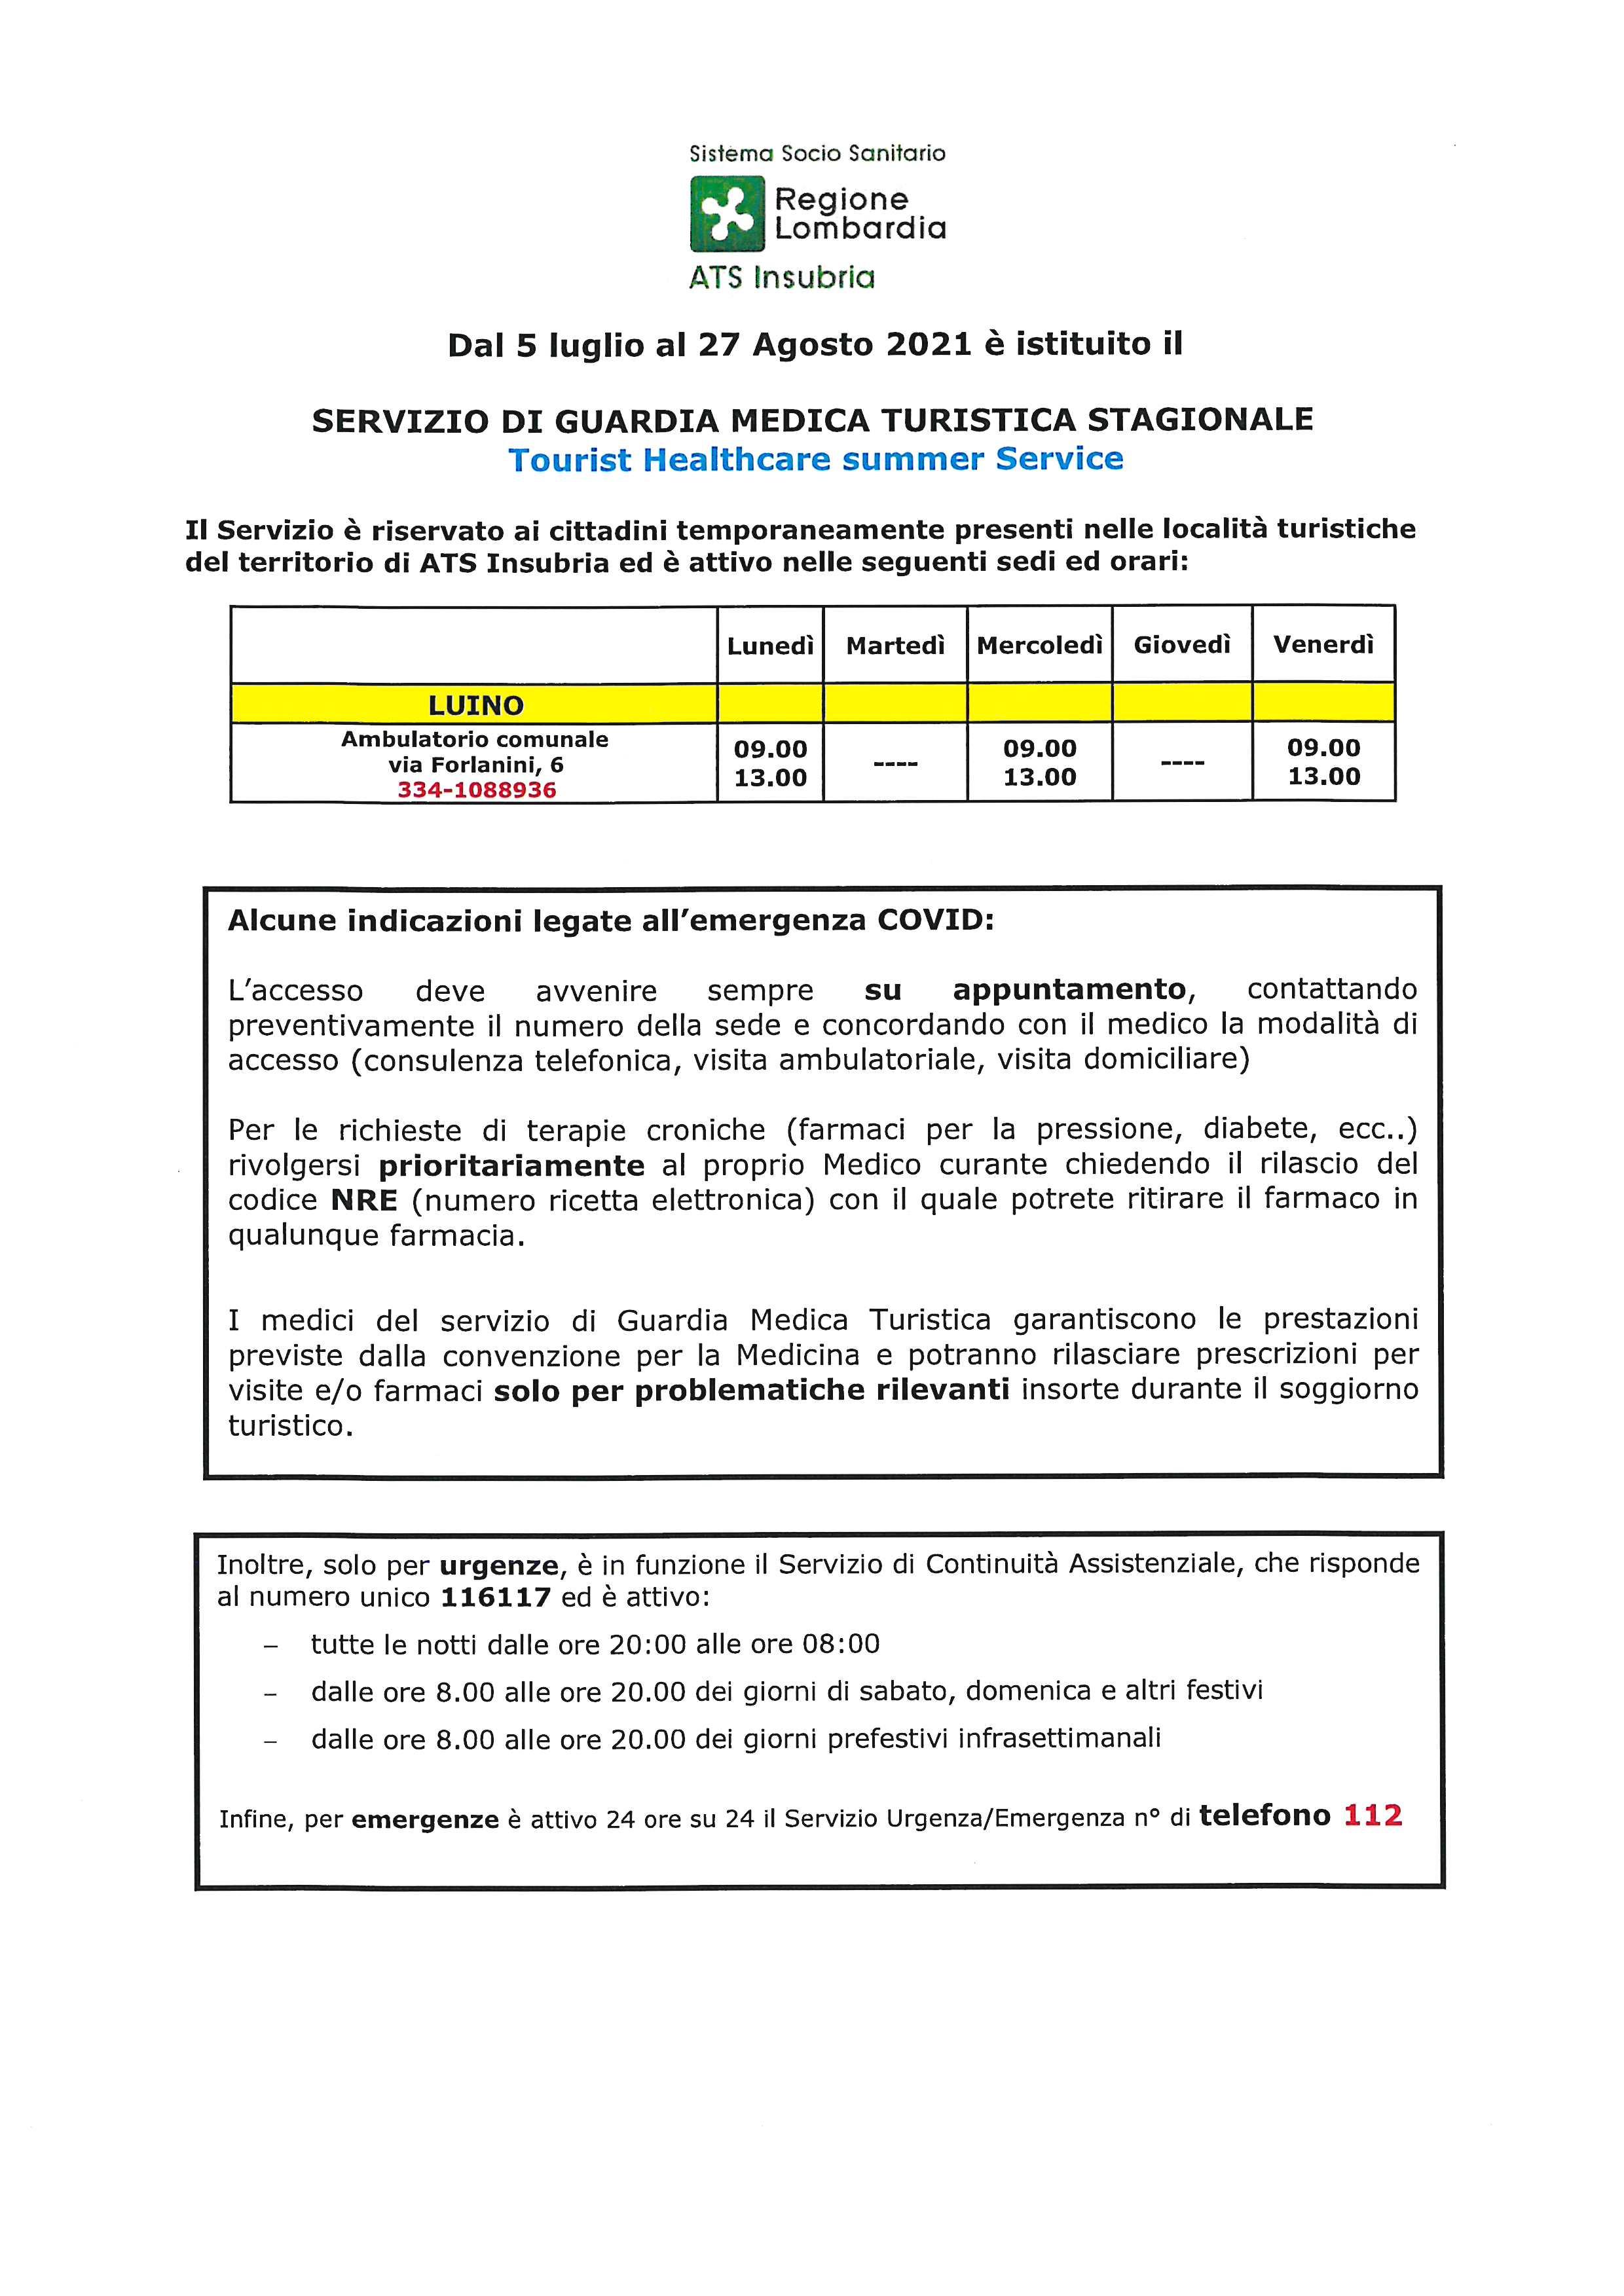 SERVIZIO DI GUARDIA MEDICA TURISTICA STAGIONALE DAL 5 LUGLIO AL 27 AGOSTO 2021